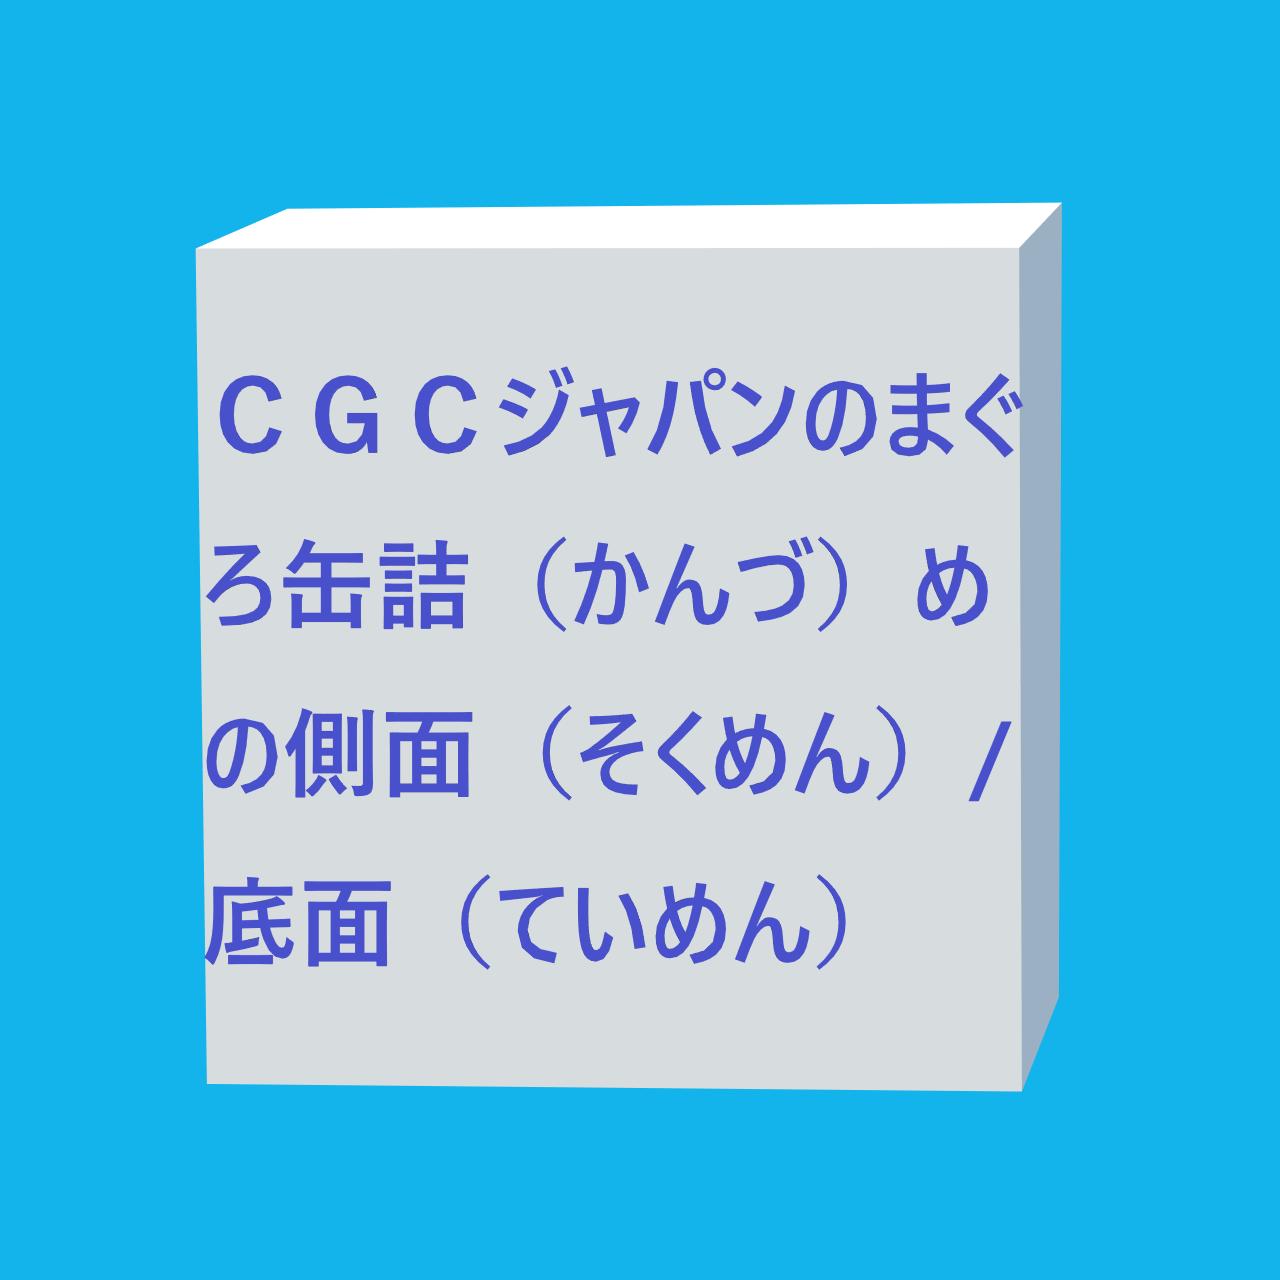 CGCジャパンのまぐろ缶詰(かんづ)めの側面(そくめん)や、底面(ていめん)、スーパーなどにかかる画像(がぞう)